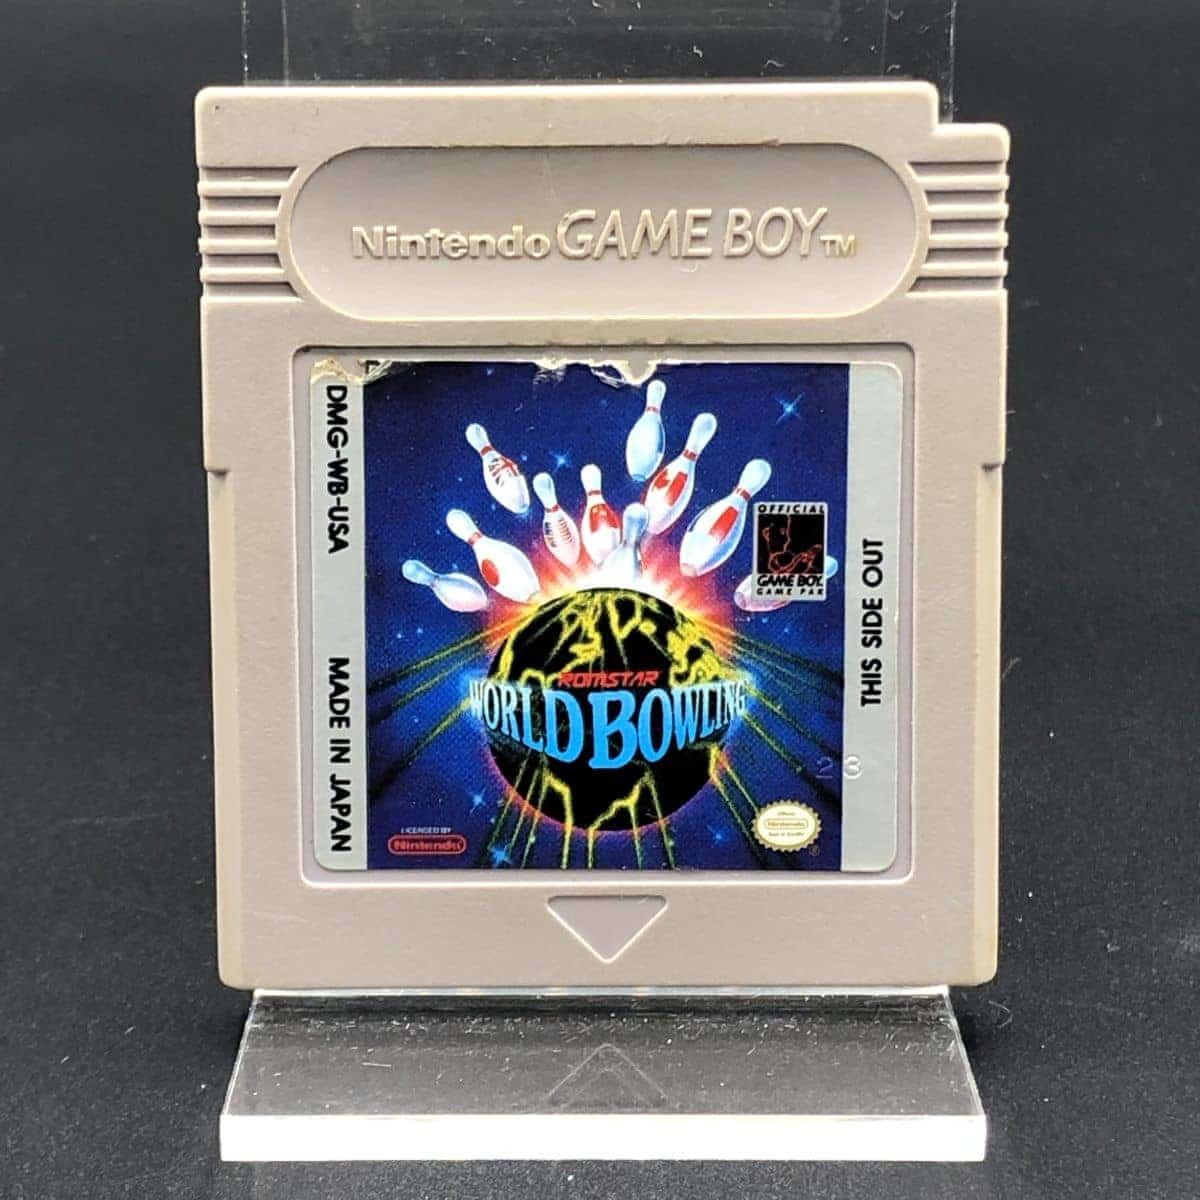 GB World Bowling (Import) (Modul) (Gebrauchsspuren) Nintendo Game Boy